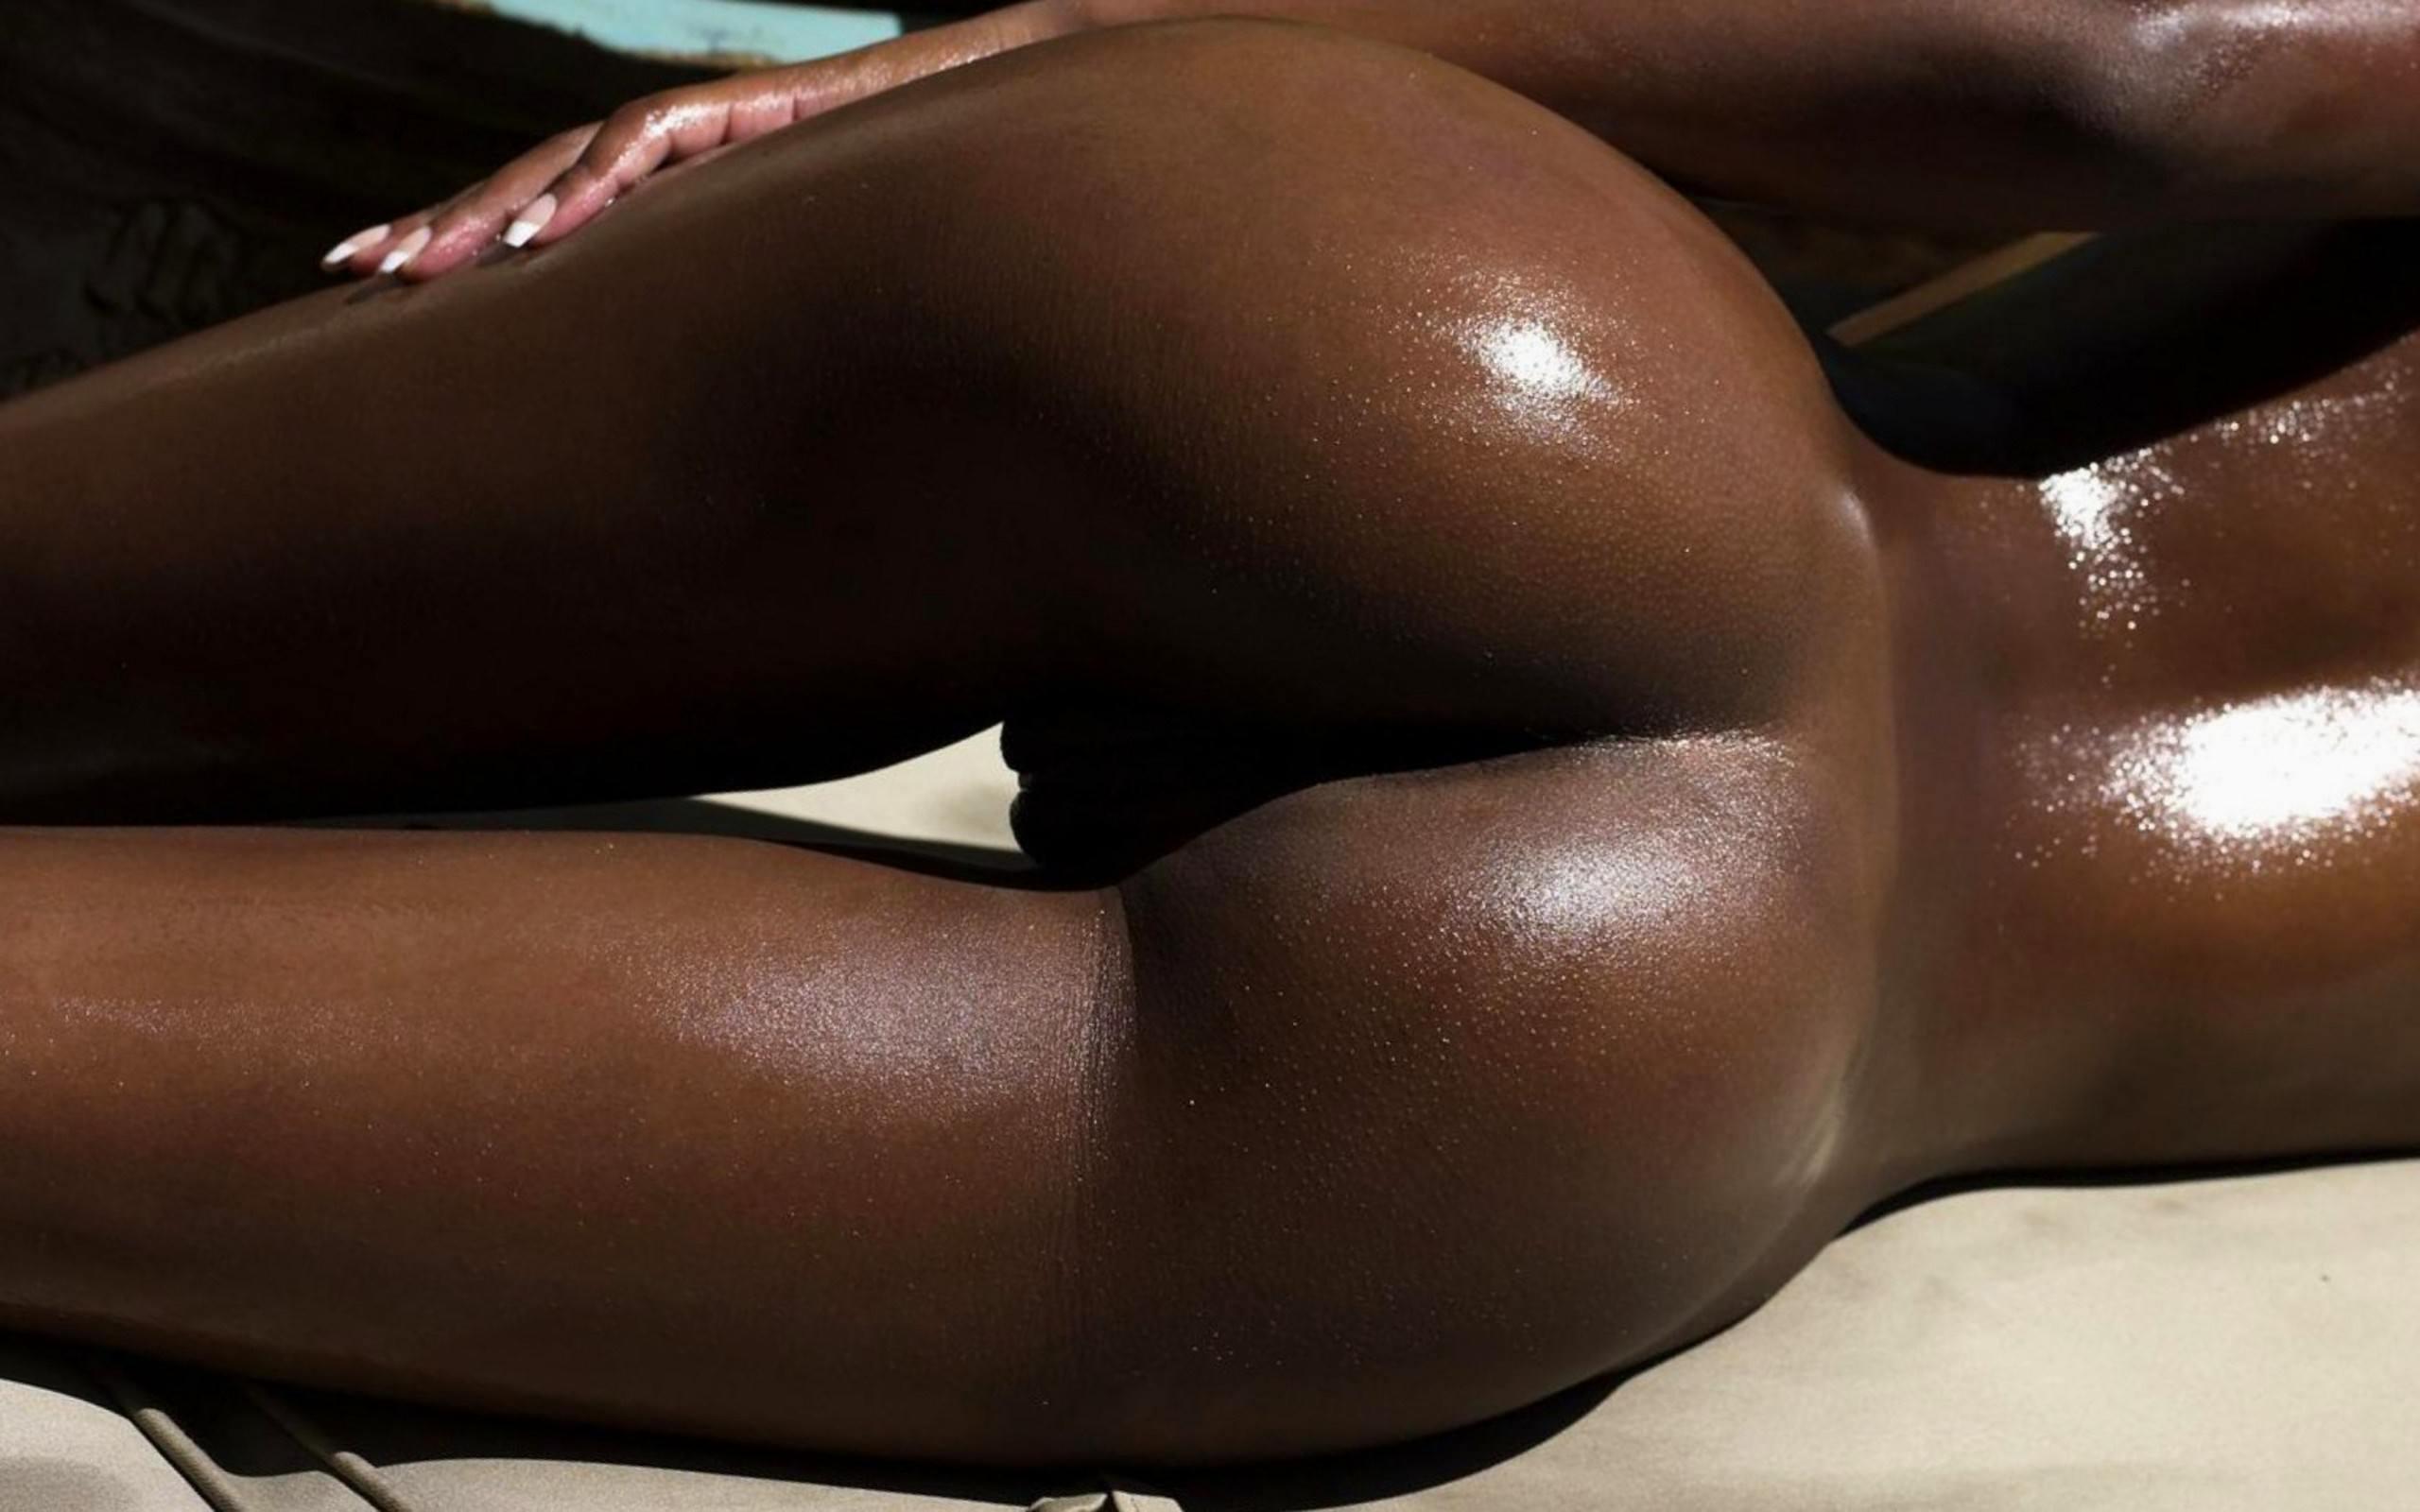 Секс негритянка попка 8 фотография